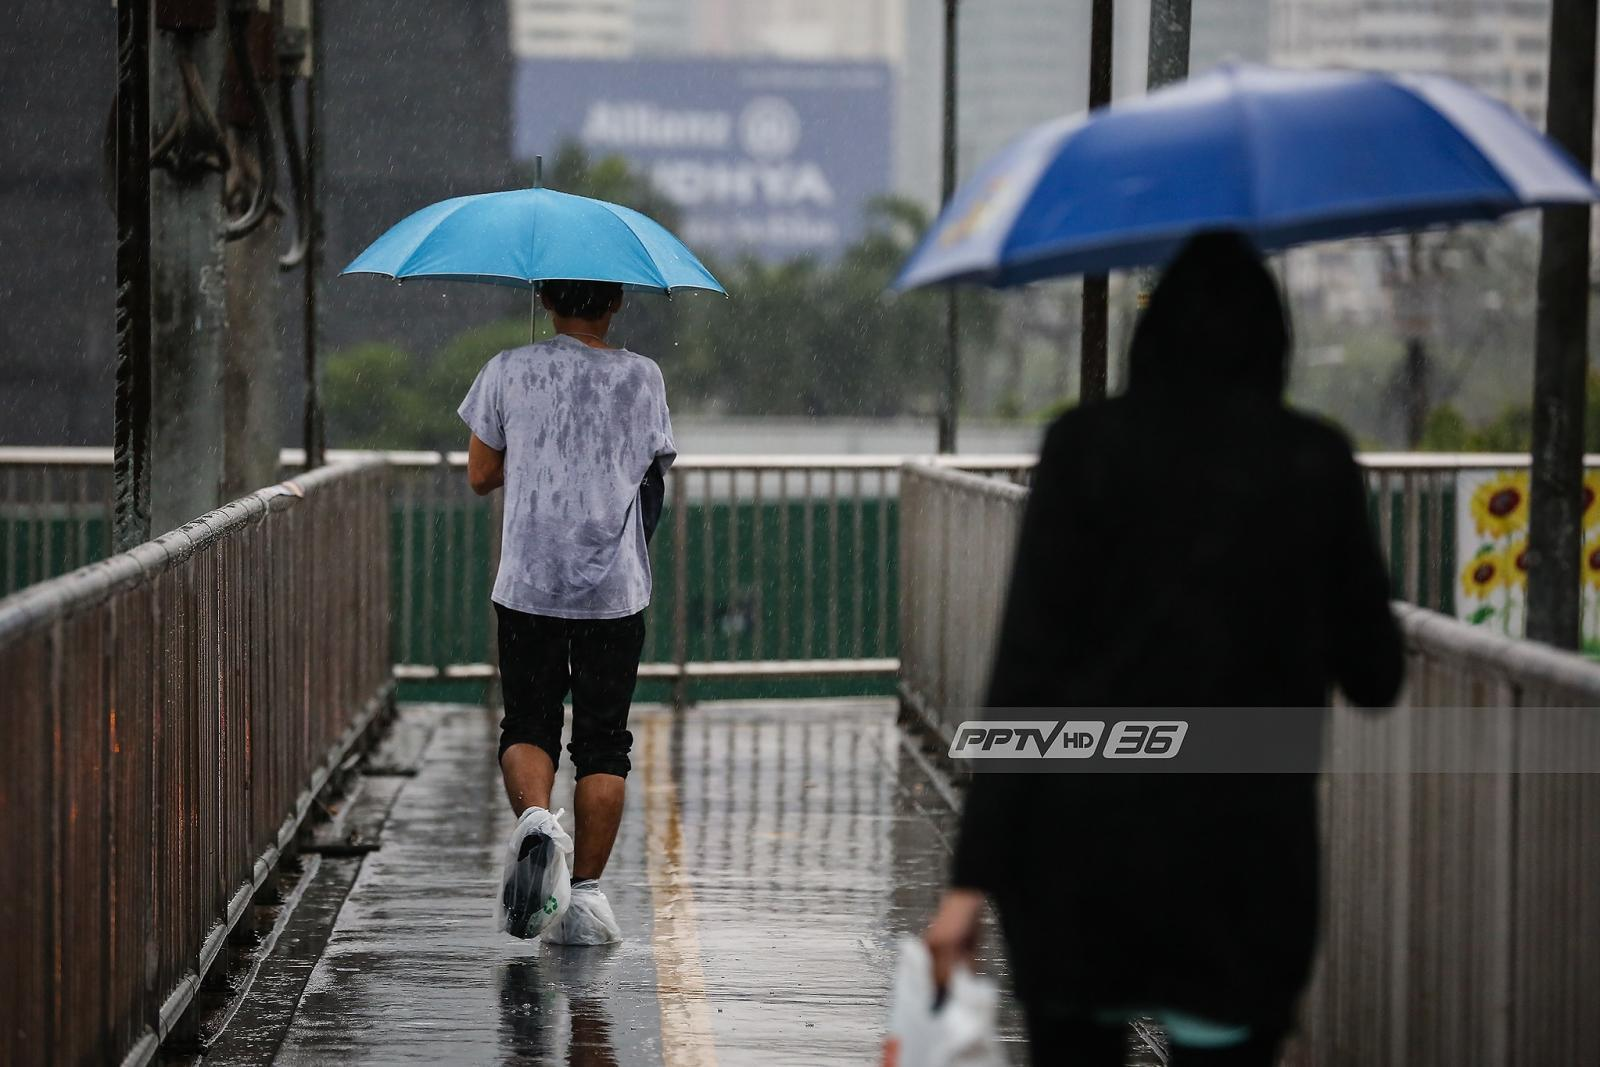 พยากรณ์อากาศวันนี้ 25 ก.ค. ทั่วประเทศฝนตก ออกไปเที่ยวให้พกร่ม